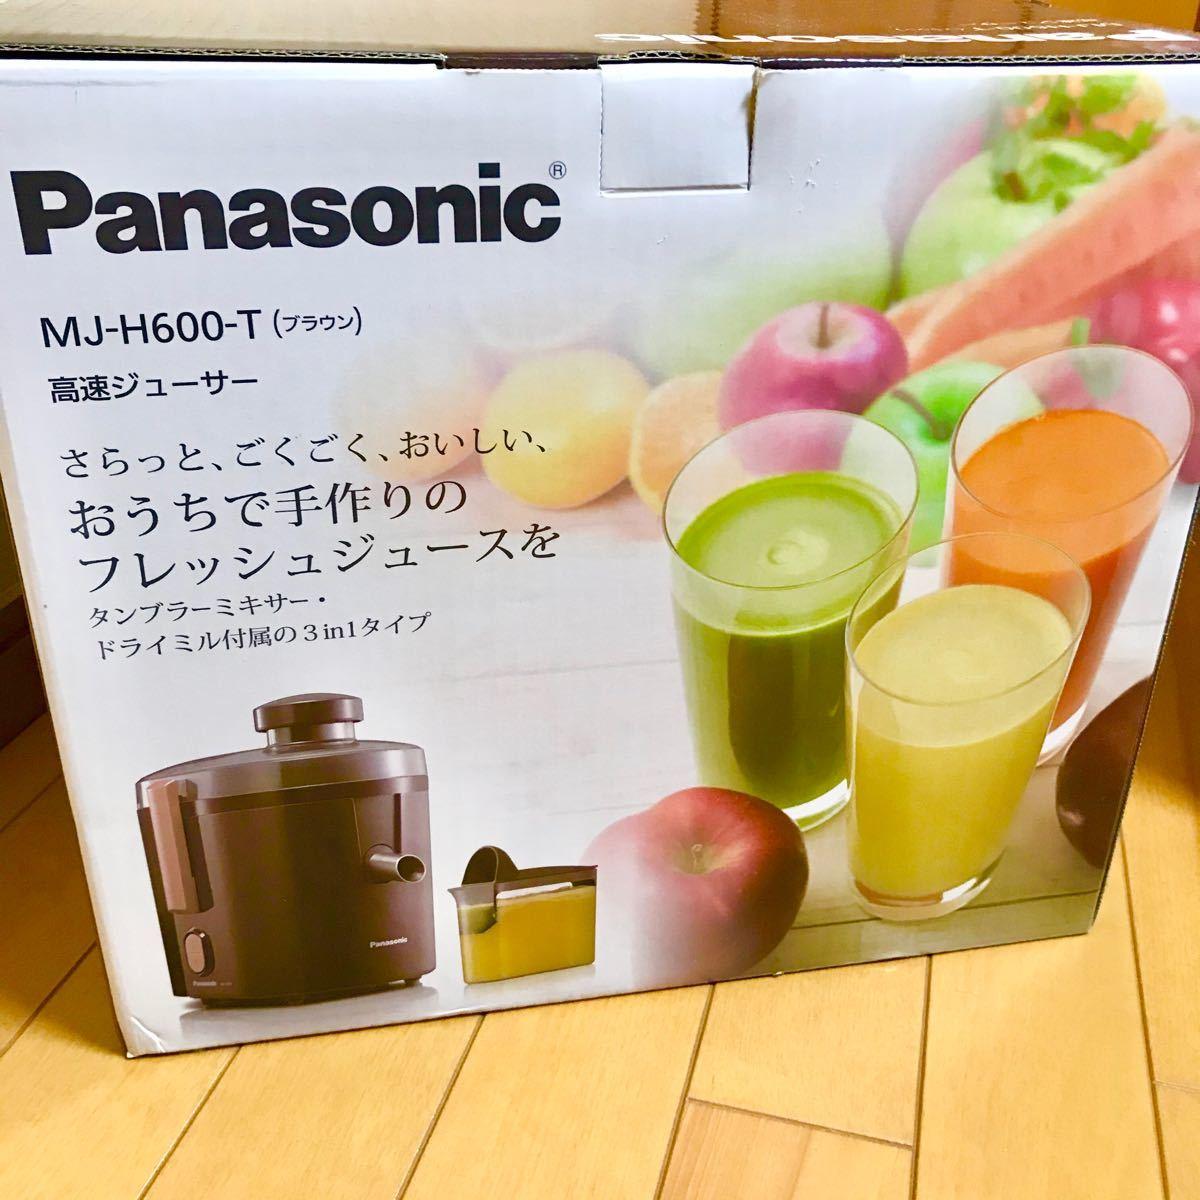 パナソニック  高速ジューサー  【新品】